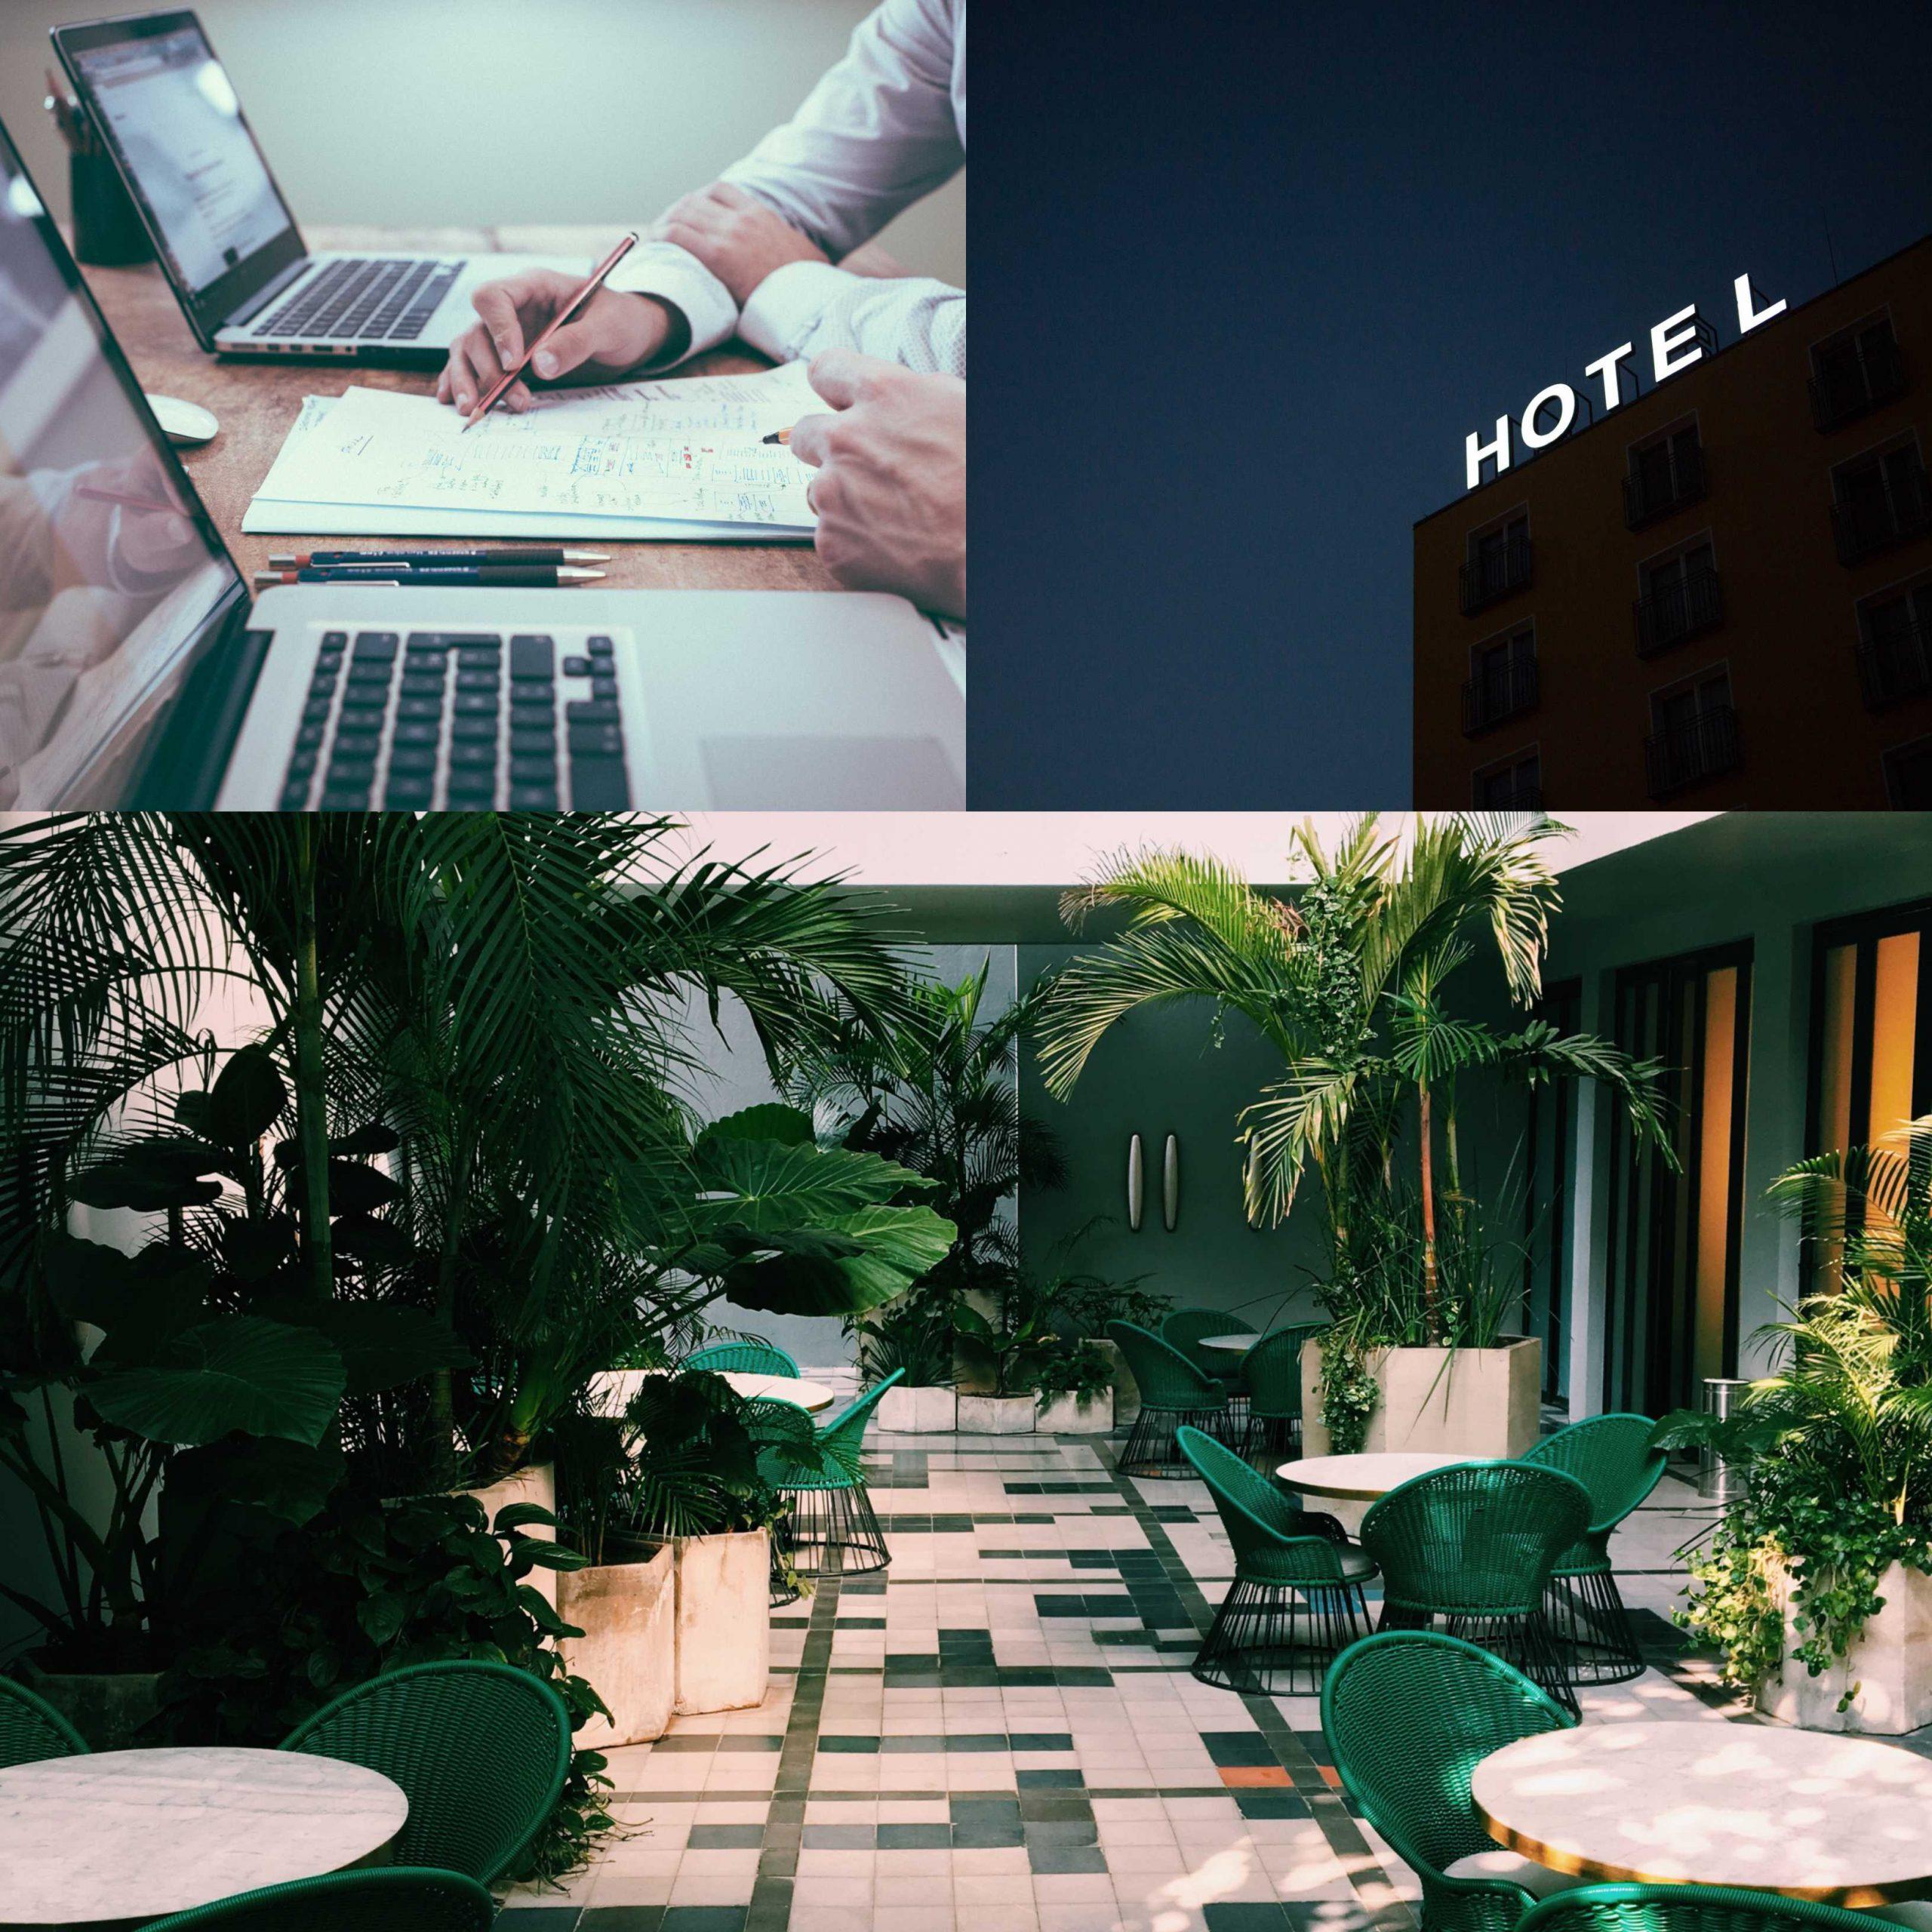 Contenu de l'hôtel : attirer les clients et augmenter vos réservations